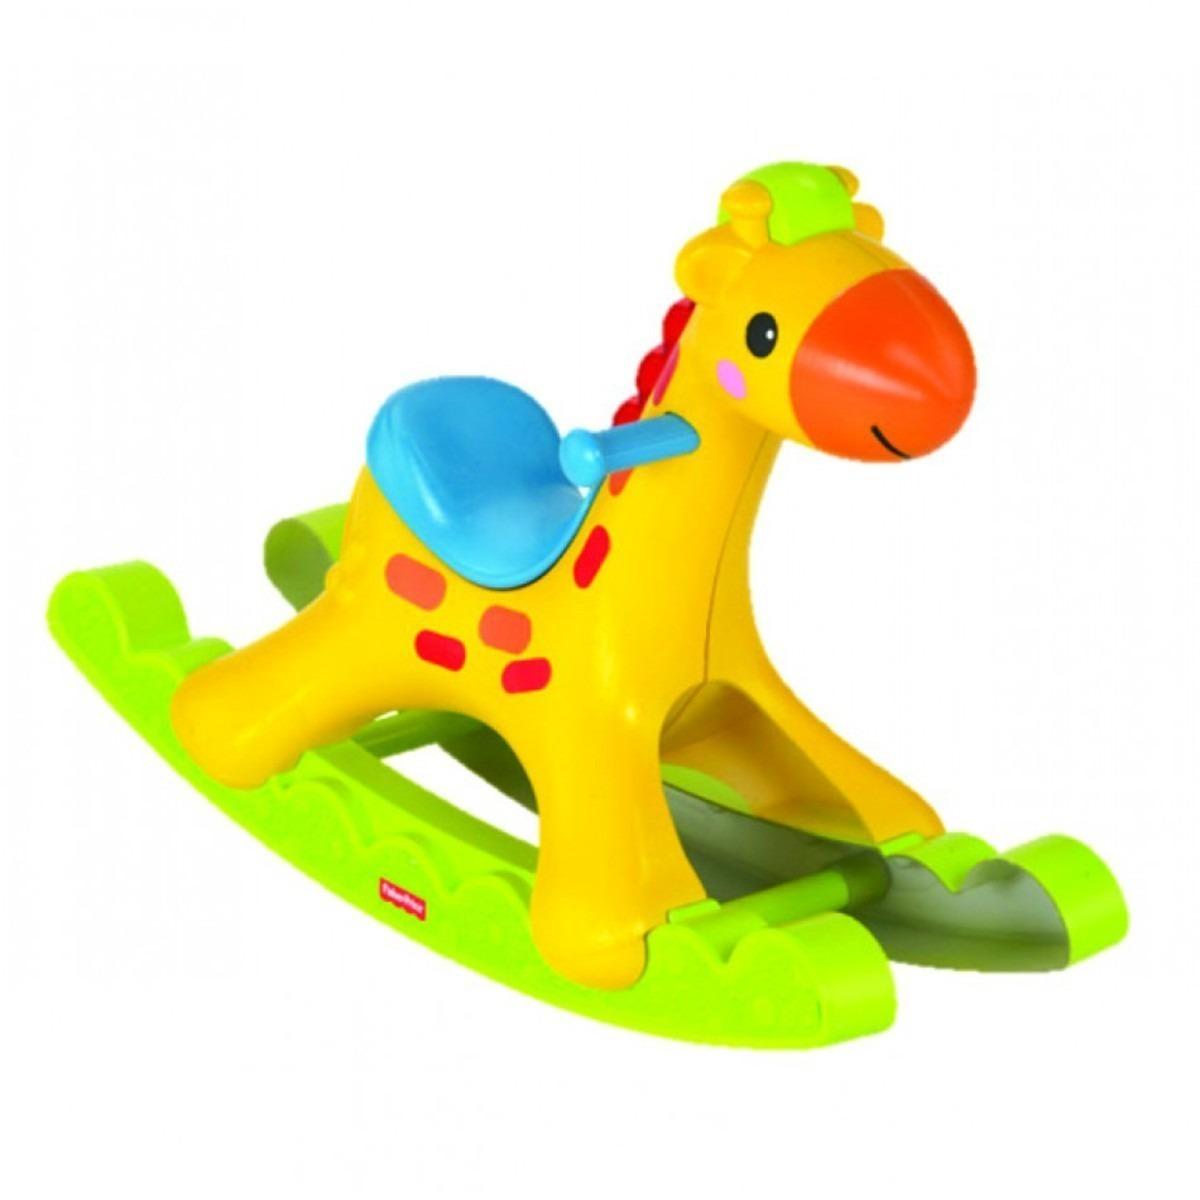 a1d3be90e jirafa juega y balancea fisher price mattel nuevo en su caja. Cargando zoom.